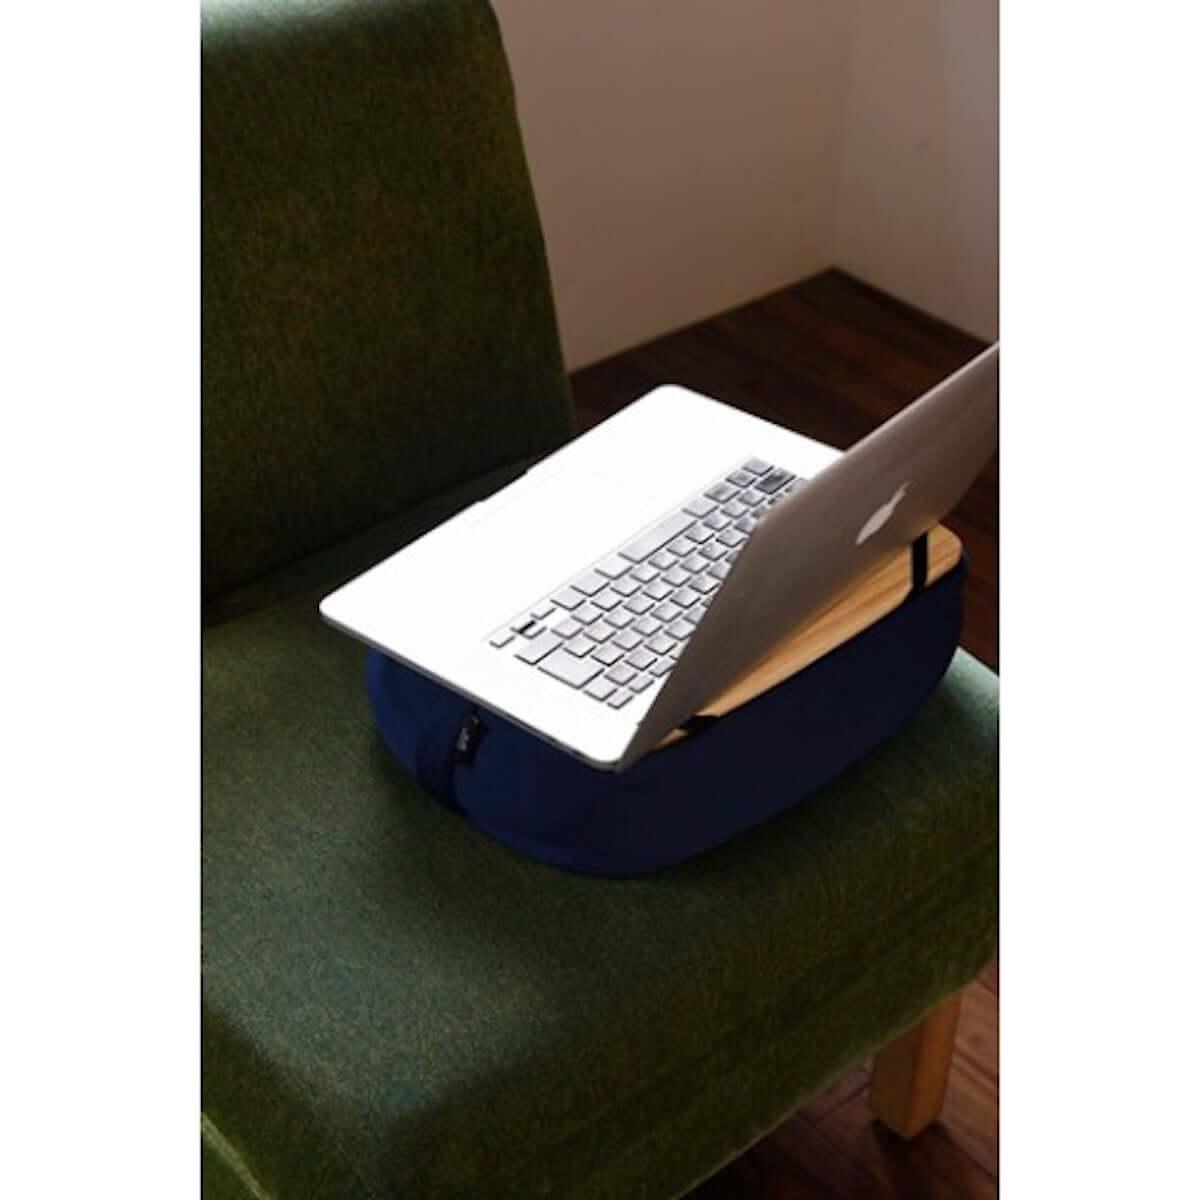 【ズボラ発明】ベッドやソファで活躍する万能携帯クッションテーブルがヴィレヴァンオンラインに登場! life-fashion19018-vvstore-5-1200x1200